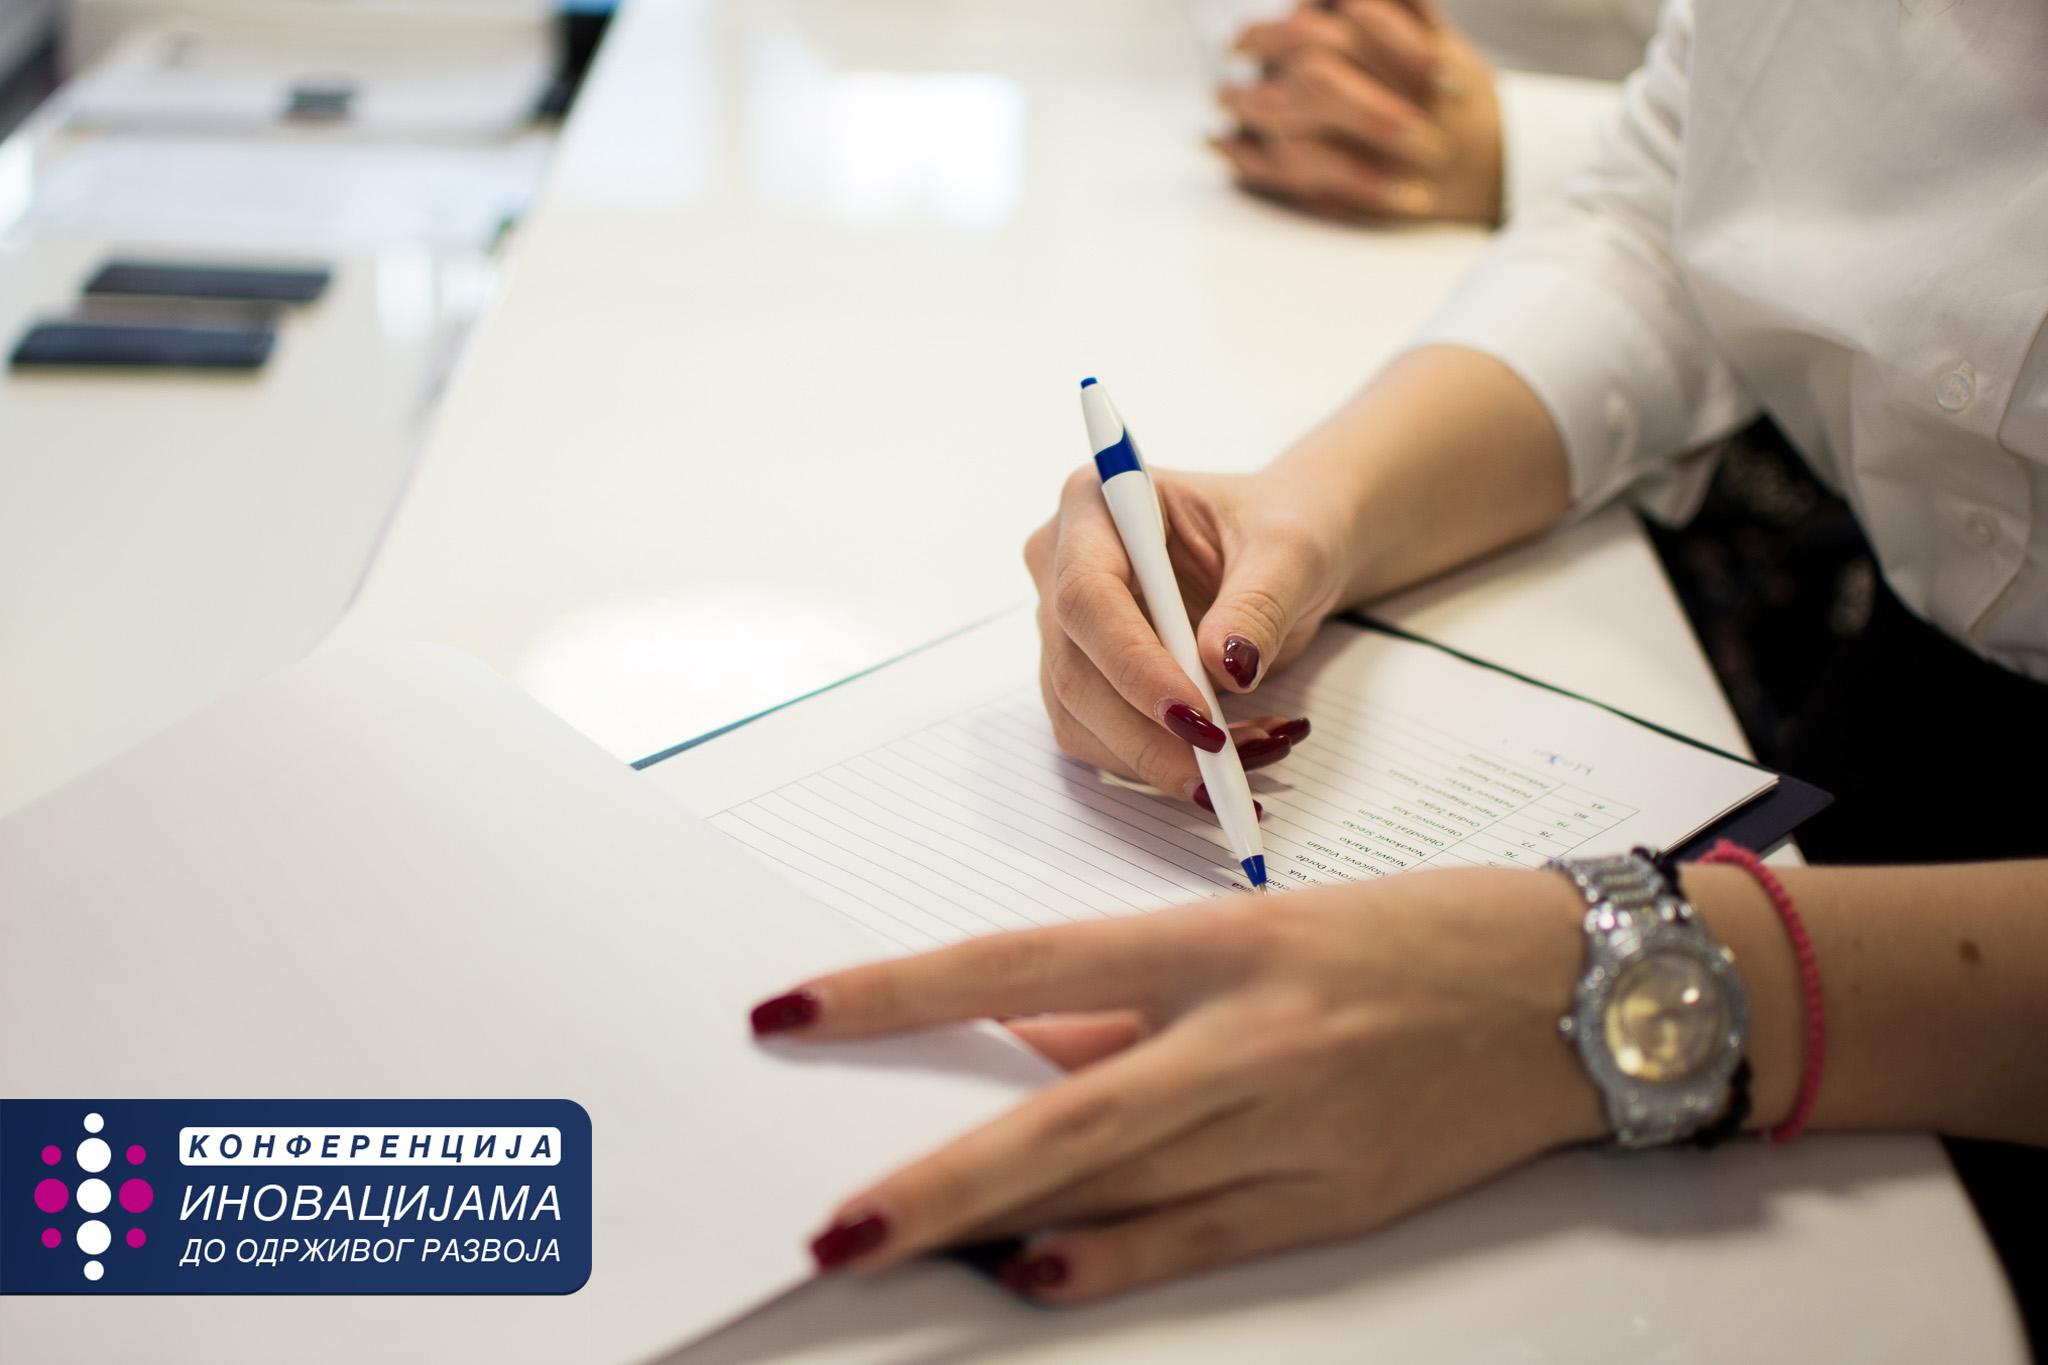 MEF Fakultet - izvestaj sa konferencije 4